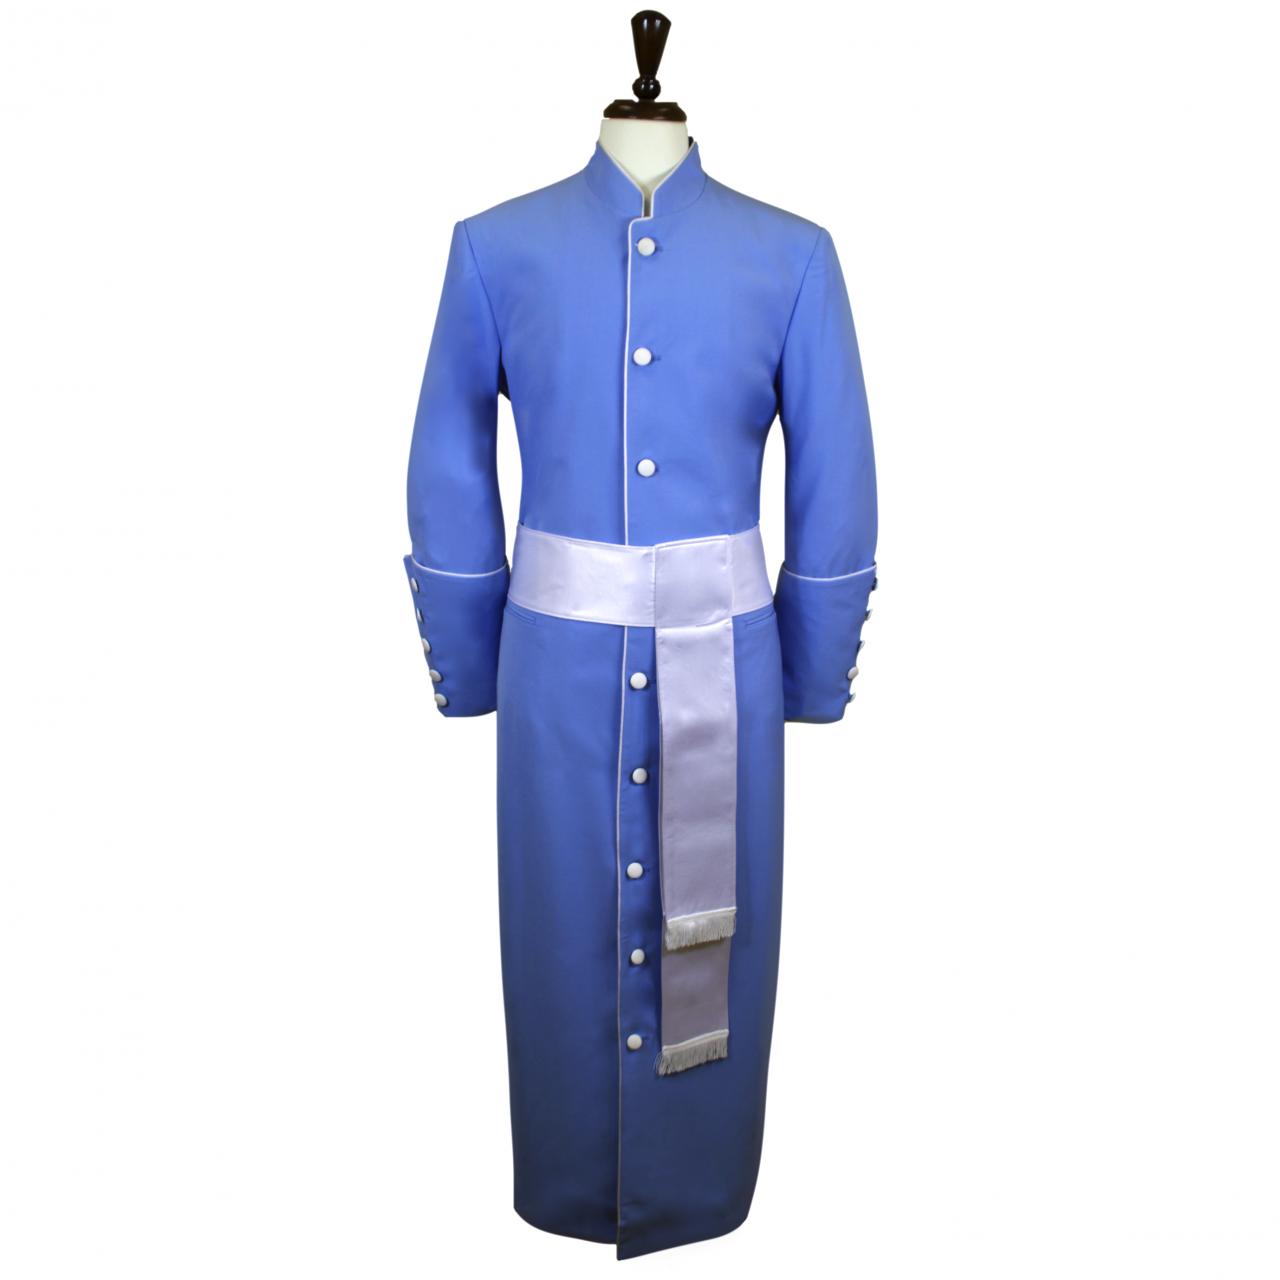 185 M. Men's Pastor/Clergy Robe - Light Blue/White Cincture Set